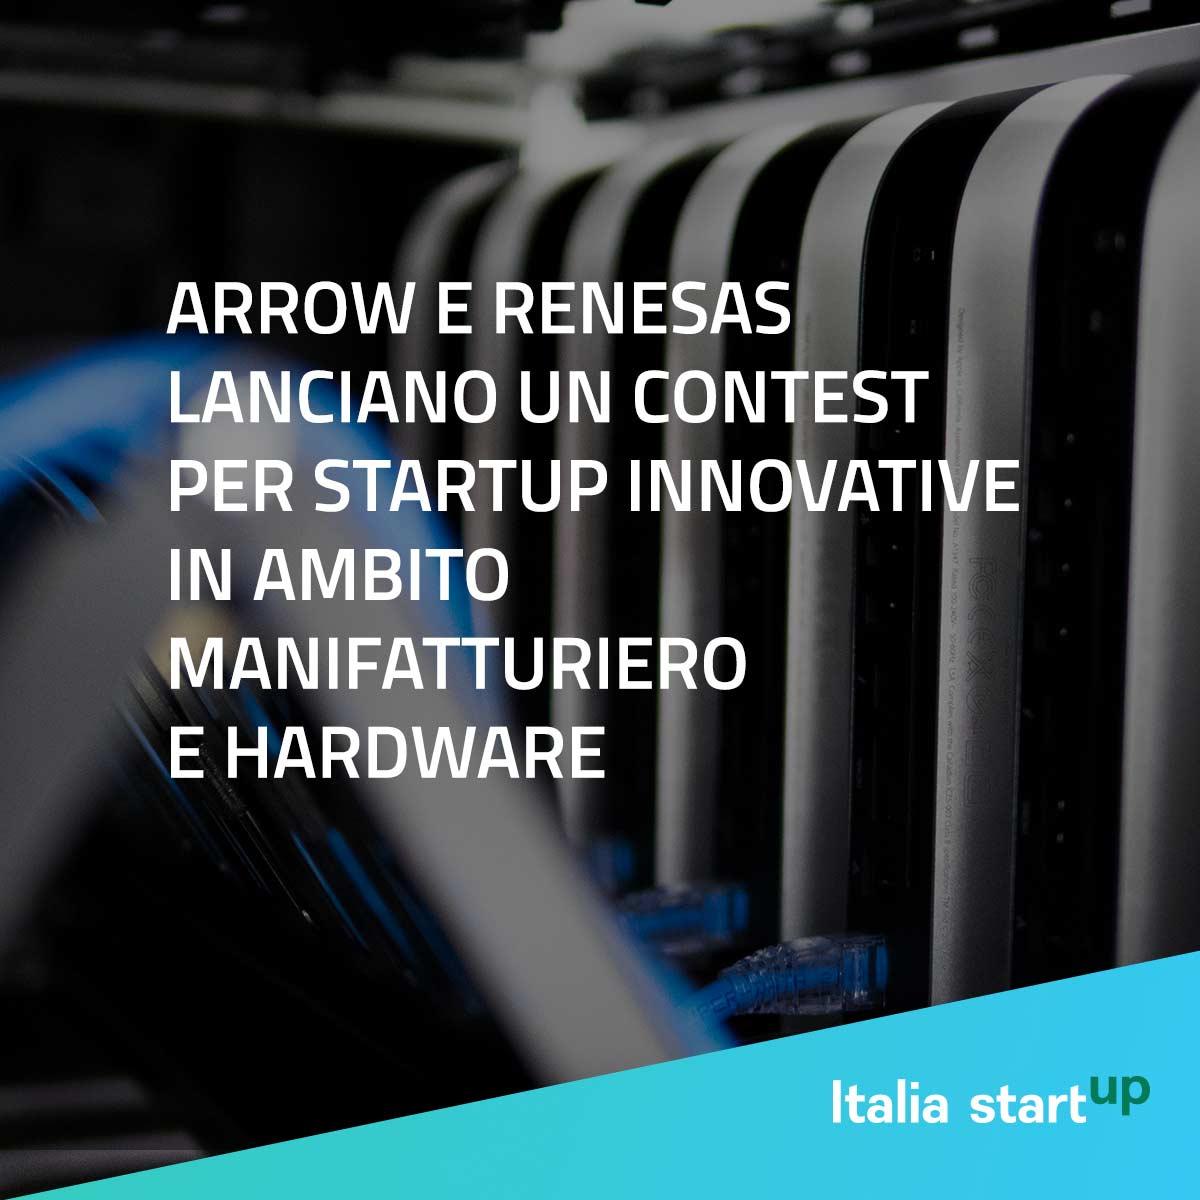 Arrow E Renesas Lanciano Un Contest Per Startup Innovative In Ambito Manifatturiero E Hardware